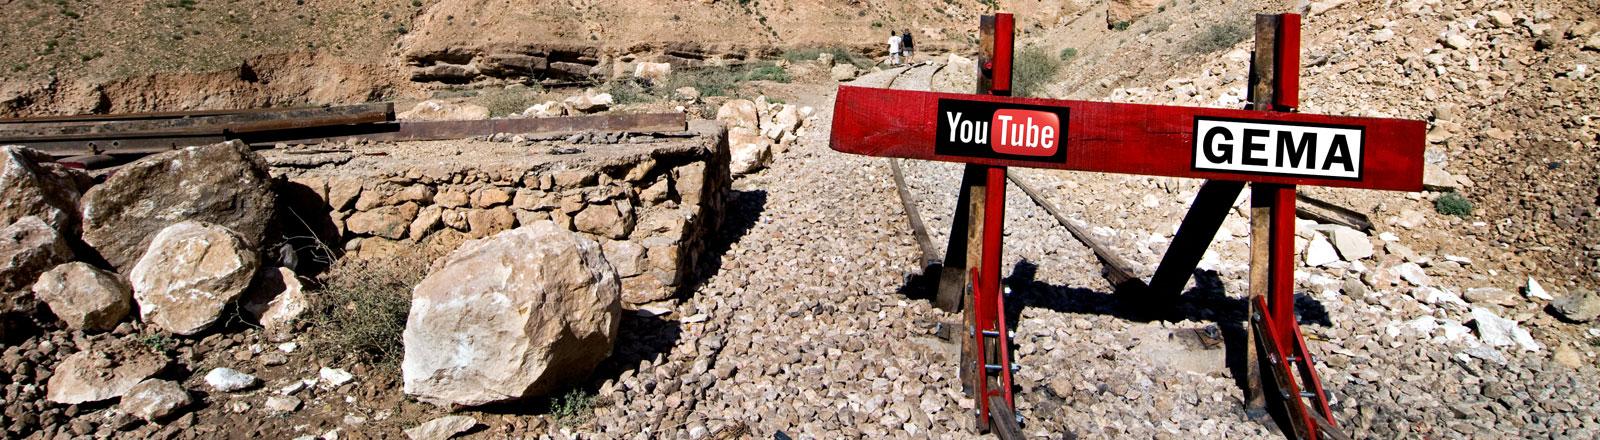 Absperrung in steiniger Gegend mit Logos von YouTube und GEMA (Collage DRadio Wissen)